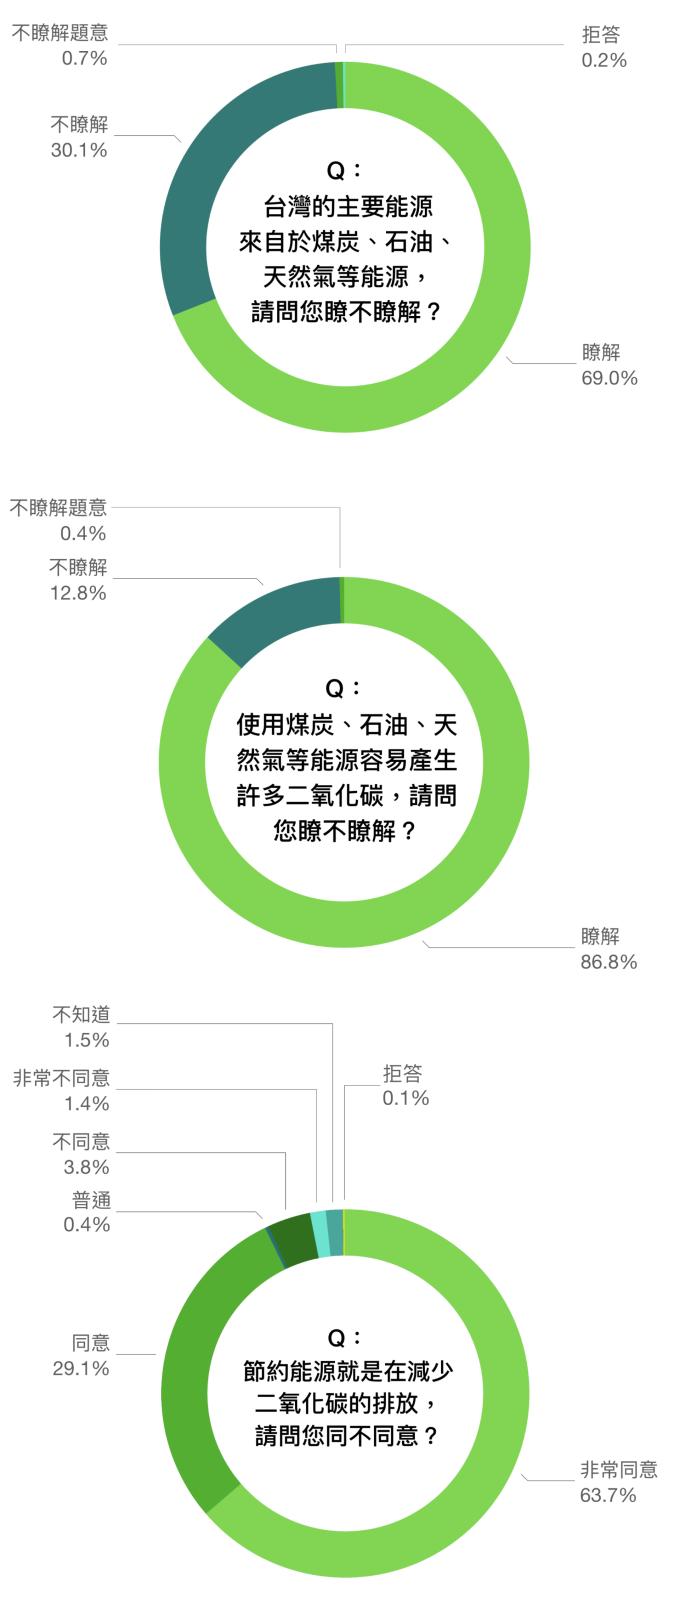 資料來源│邁向低碳社會的行為與制度轉型研究 圖說重製│林洵安